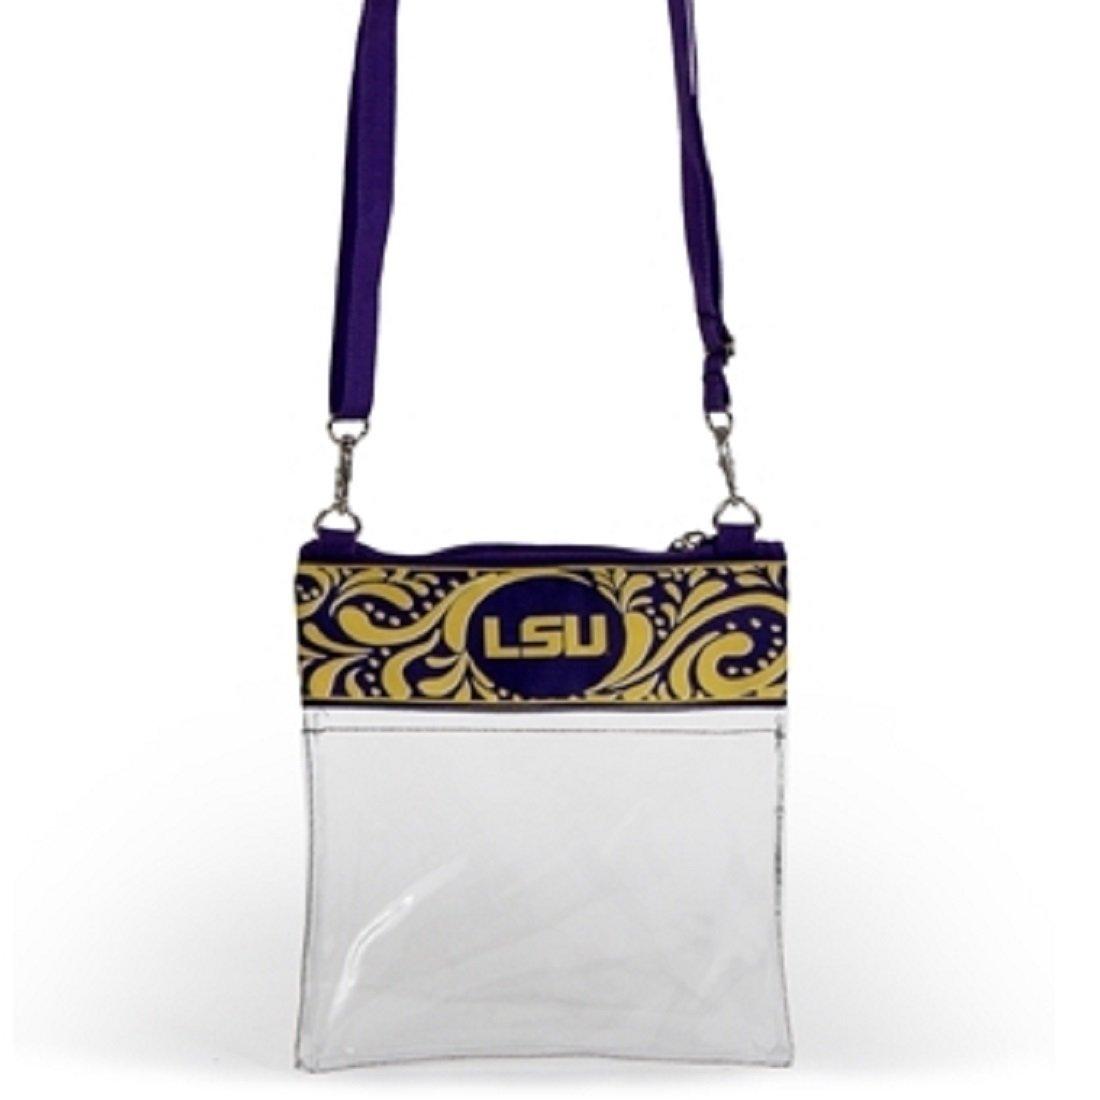 Desden LSU Clear Gameday Crossbody Bag